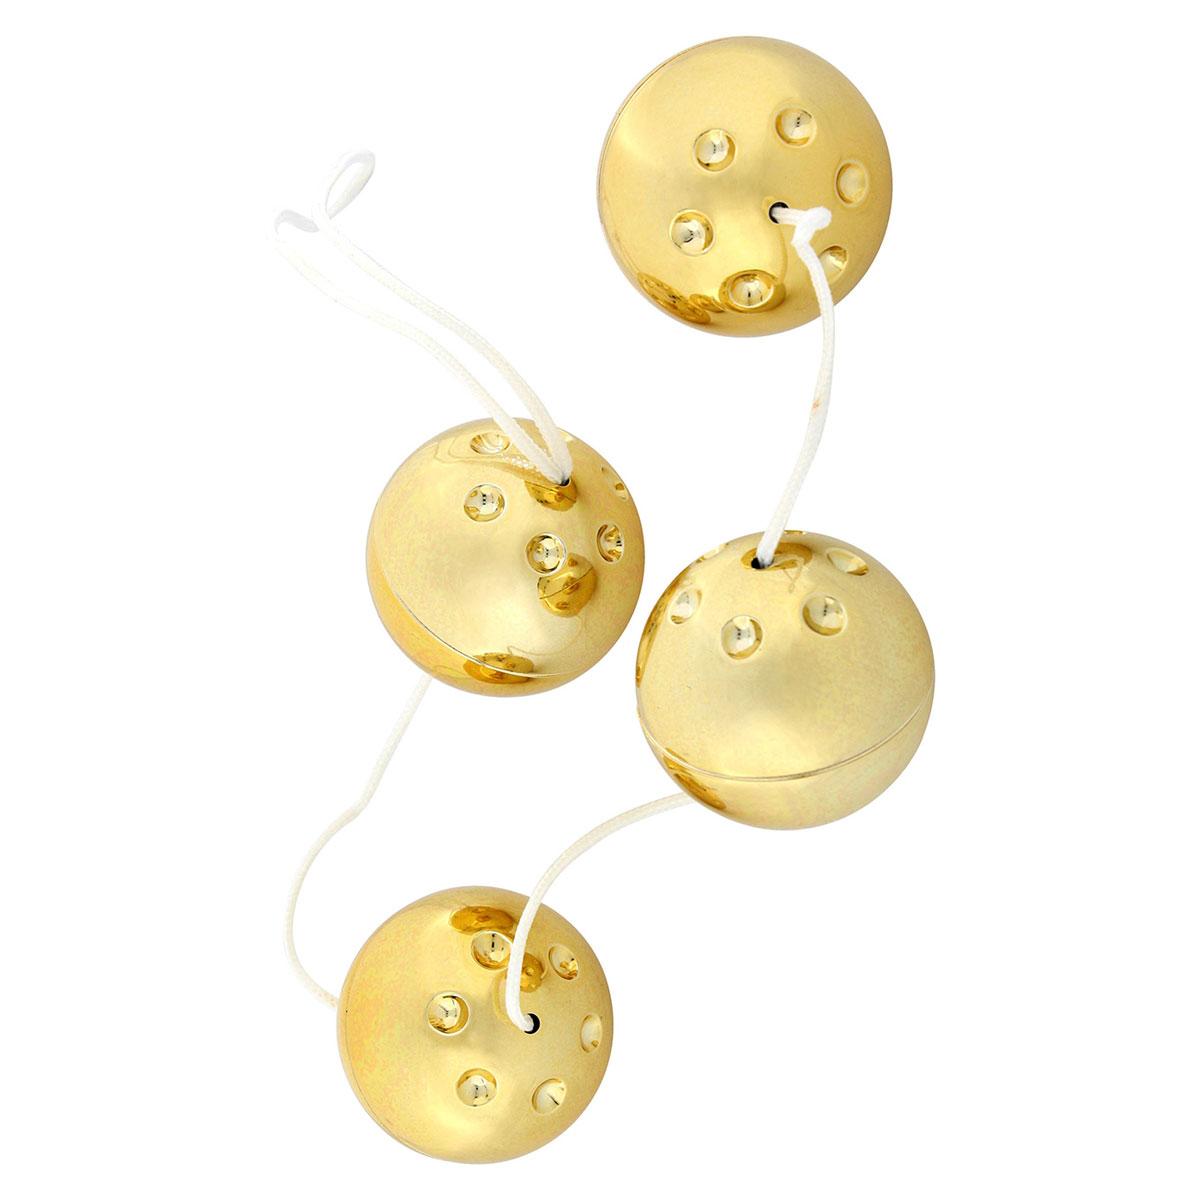 Четыре золотистых вагинальных шарика - фото 83770